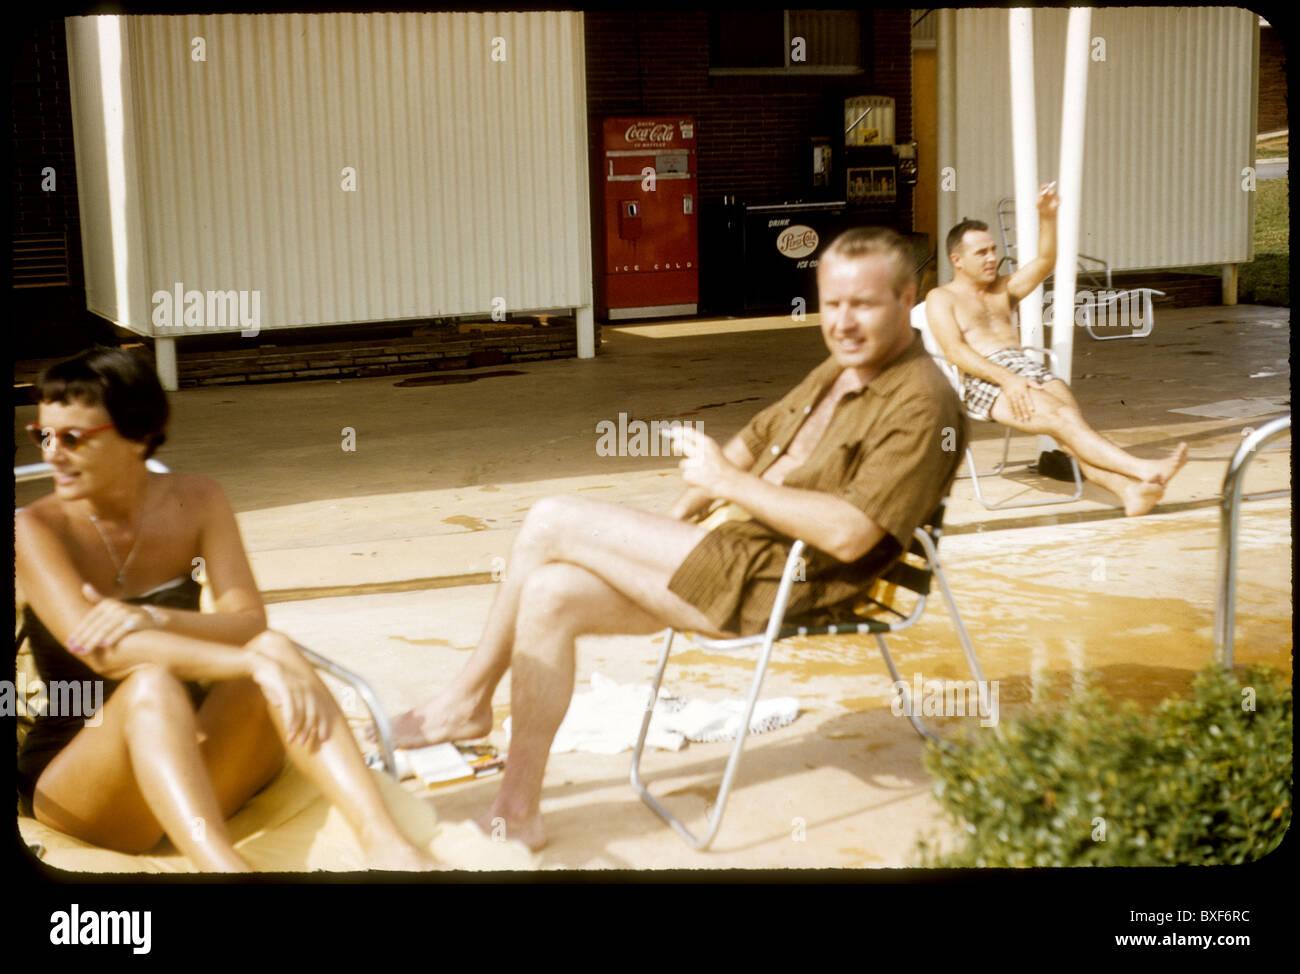 Deux hommes et une femme au bord de la piscine de détente motel machine coca cola 1959 Années 50 l'extérieur Photo Stock